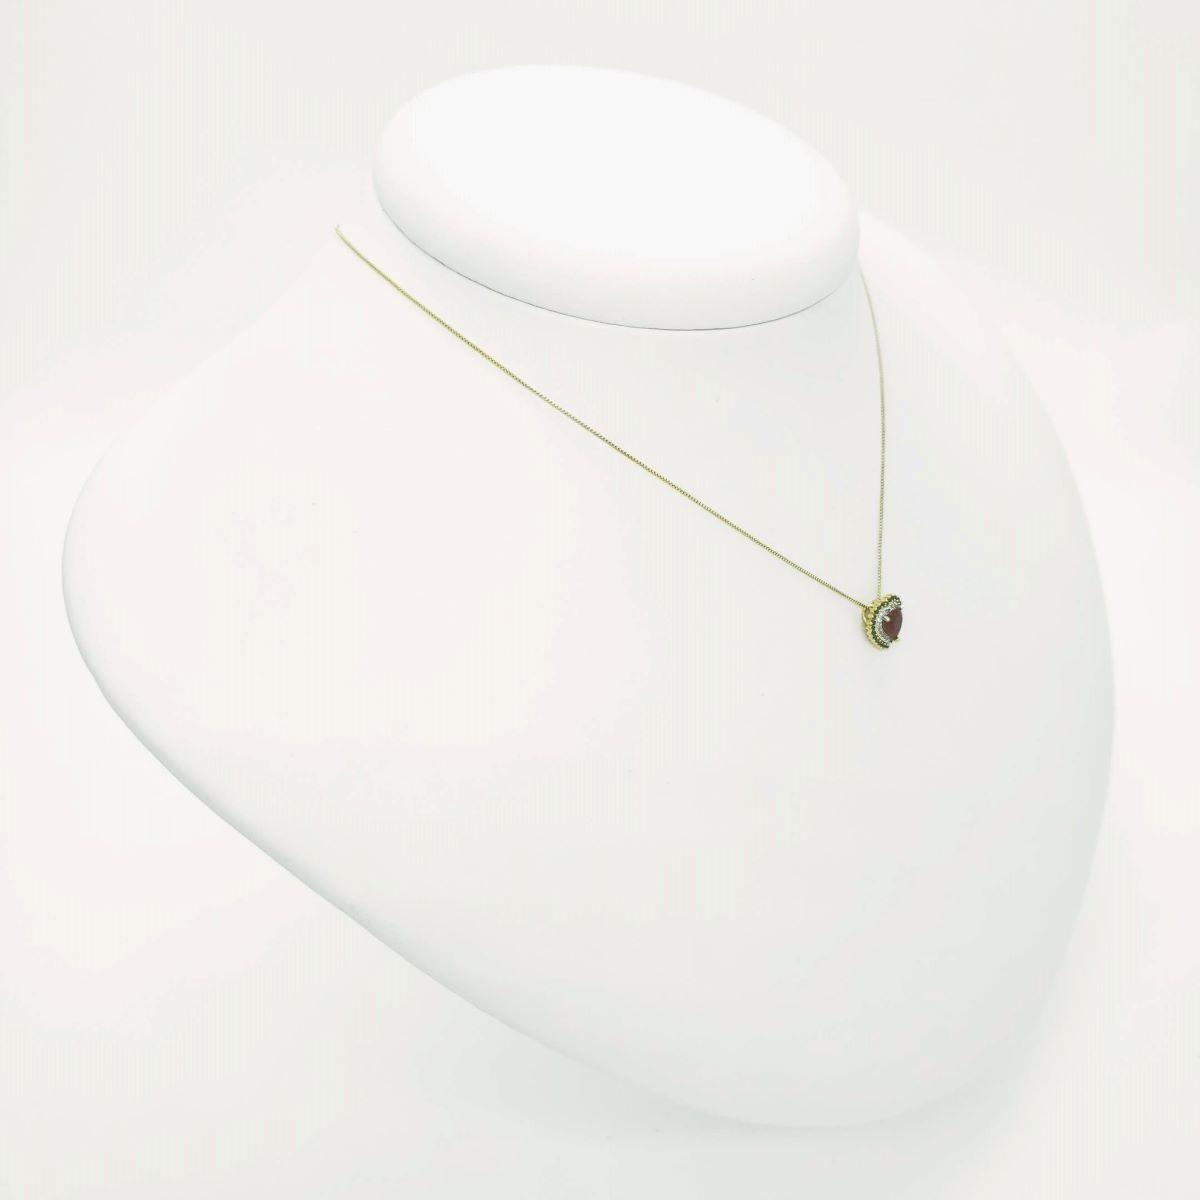 Colar Com Pingente Coração Cravejado De Zirconias Banho De Ouro 18k 4021